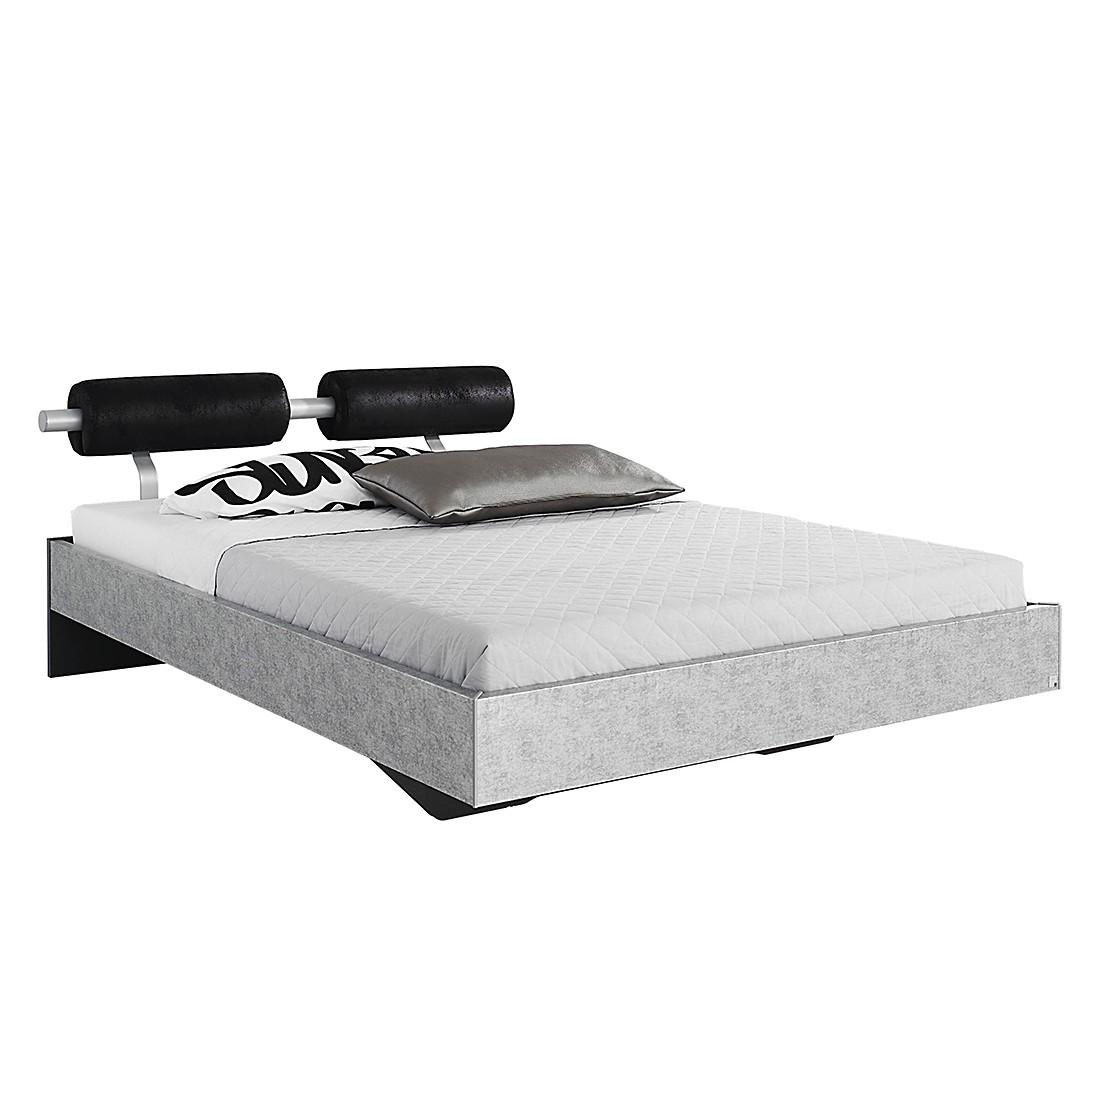 Lit futon Workbase IV - Plateau argenté / Cuir synthéthique noir Buffalo - 90 x 200cm, Rauch Select